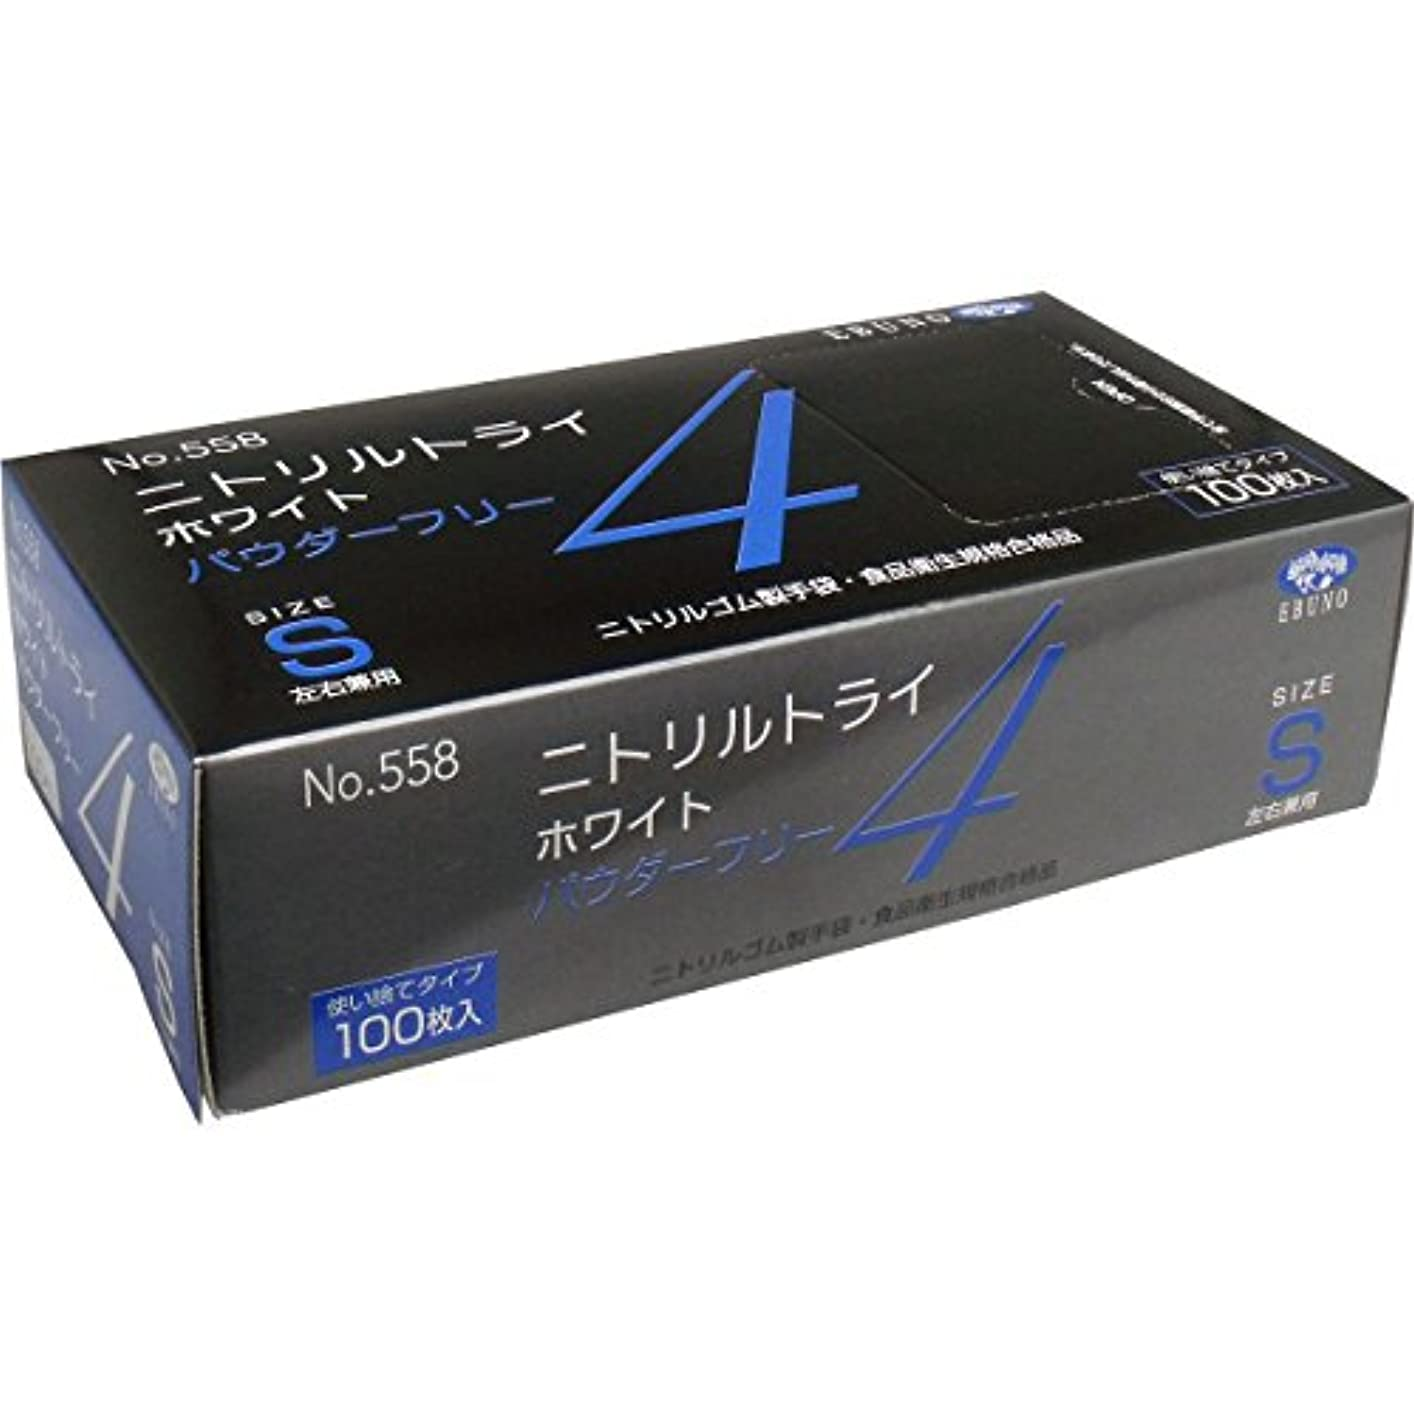 野望カメラ持つニトリルトライ4 手袋 ホワイト パウダーフリー Sサイズ 100枚入×2個セット